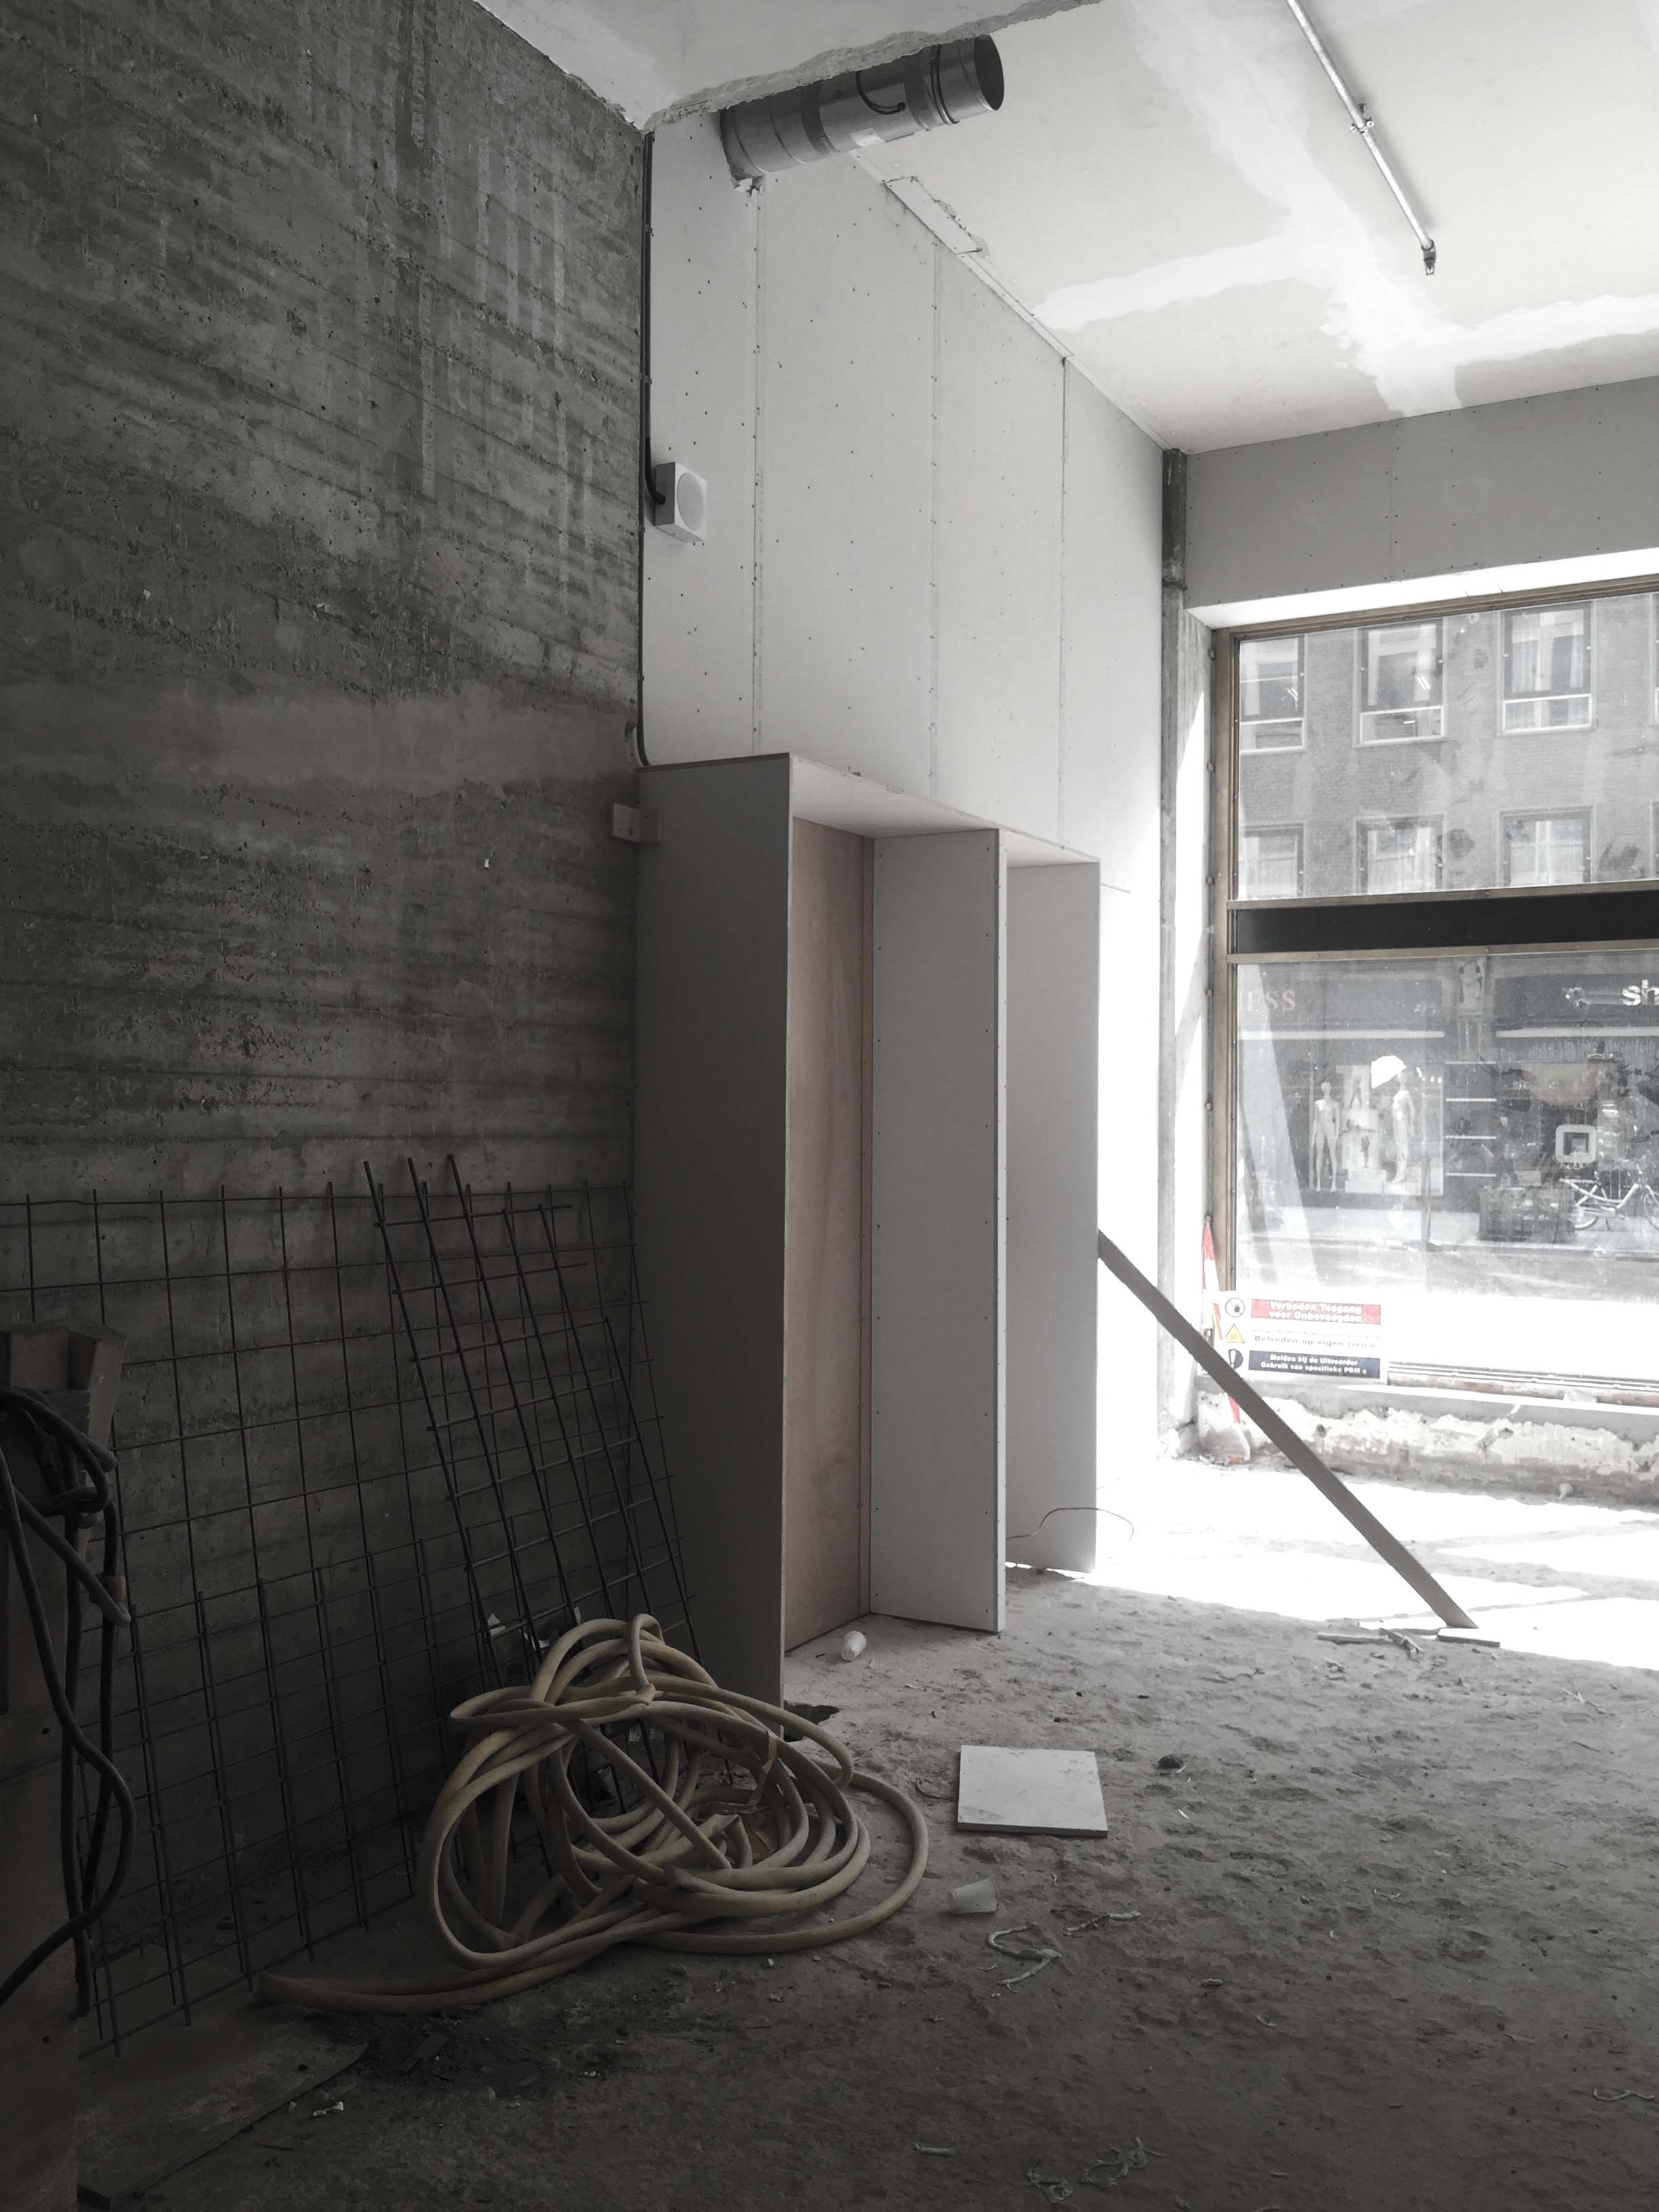 002 DANTE6  building lex de Gooijer Interiors meent-123.jpg